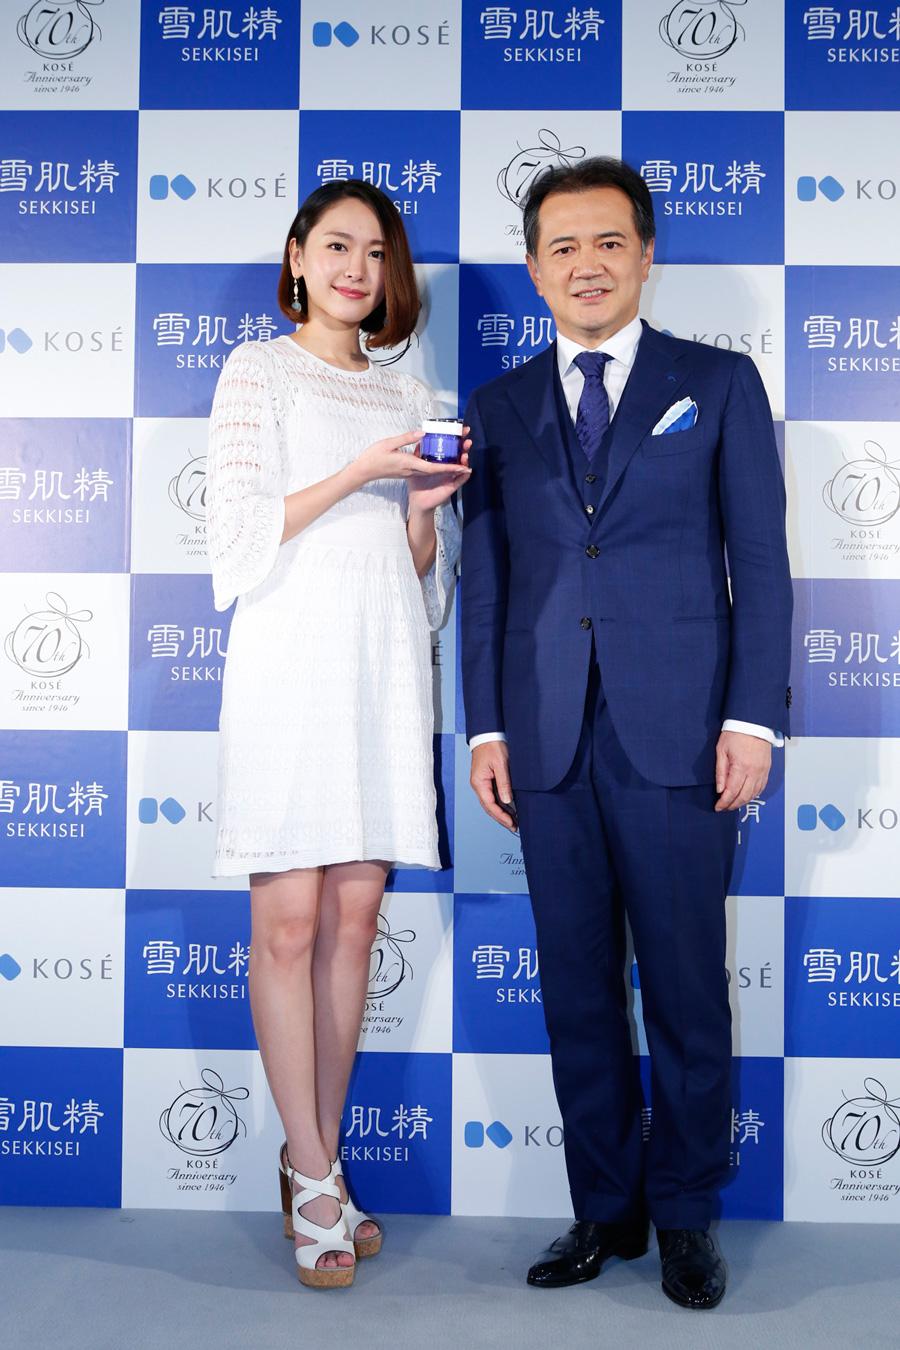 新垣結衣 雪肌精 2016春新商品イベント